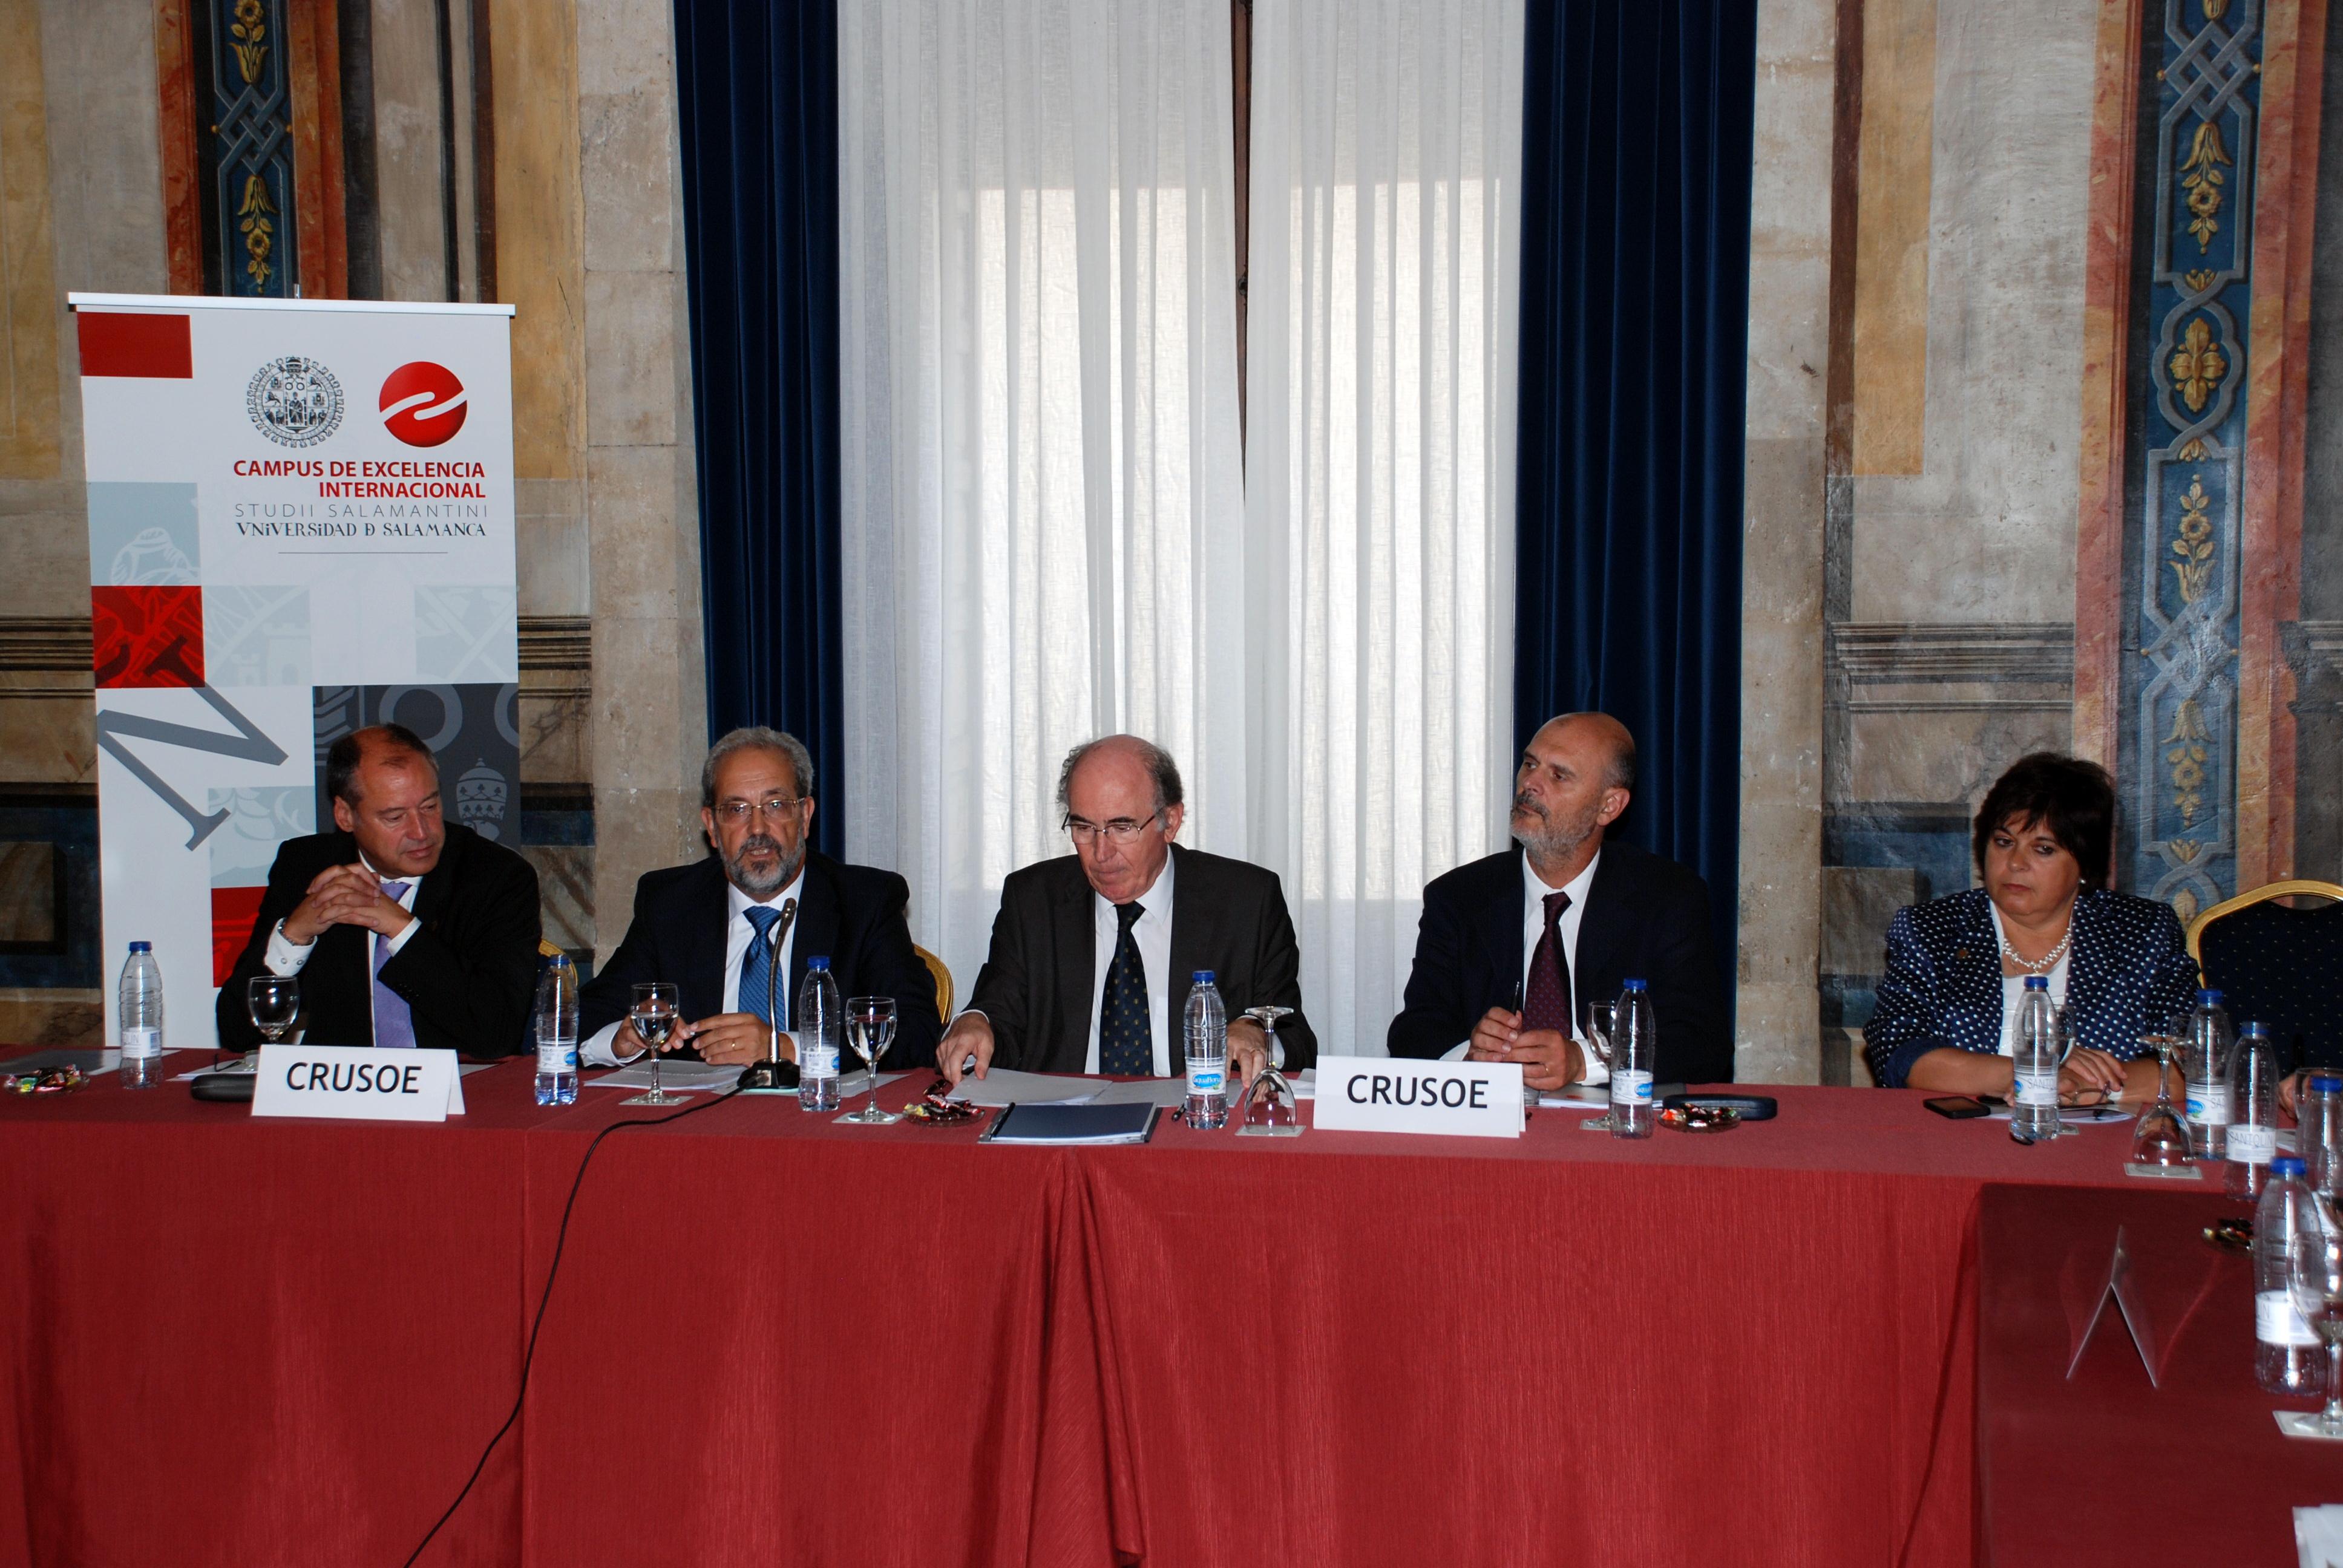 Conferencia de Rectores de las Universidades del Sudoeste Europeo (CRUSOE)